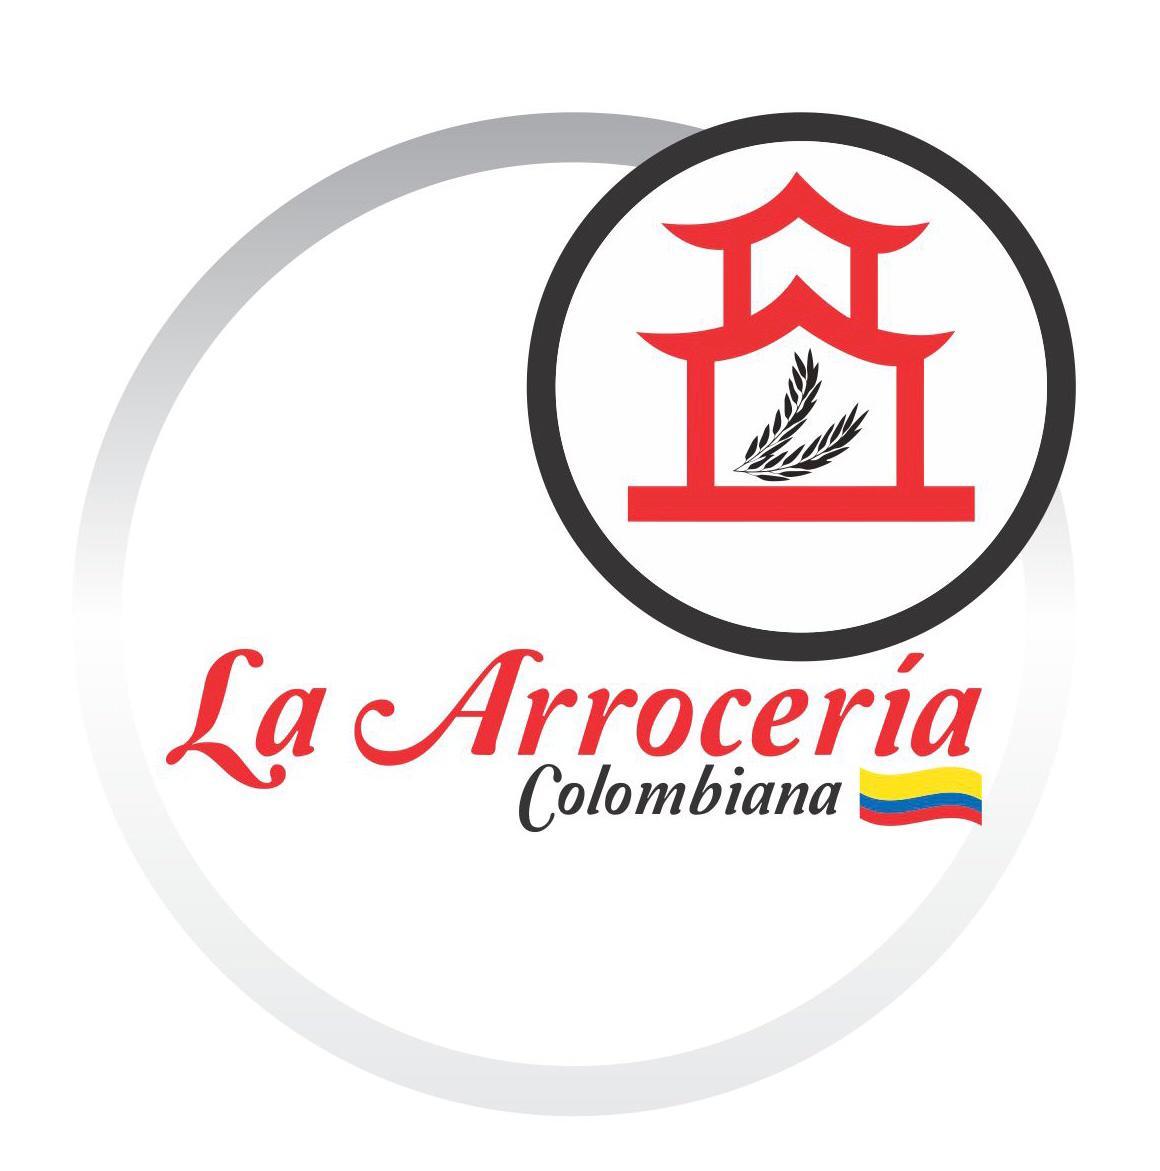 La Arrocería Colombiana Granada